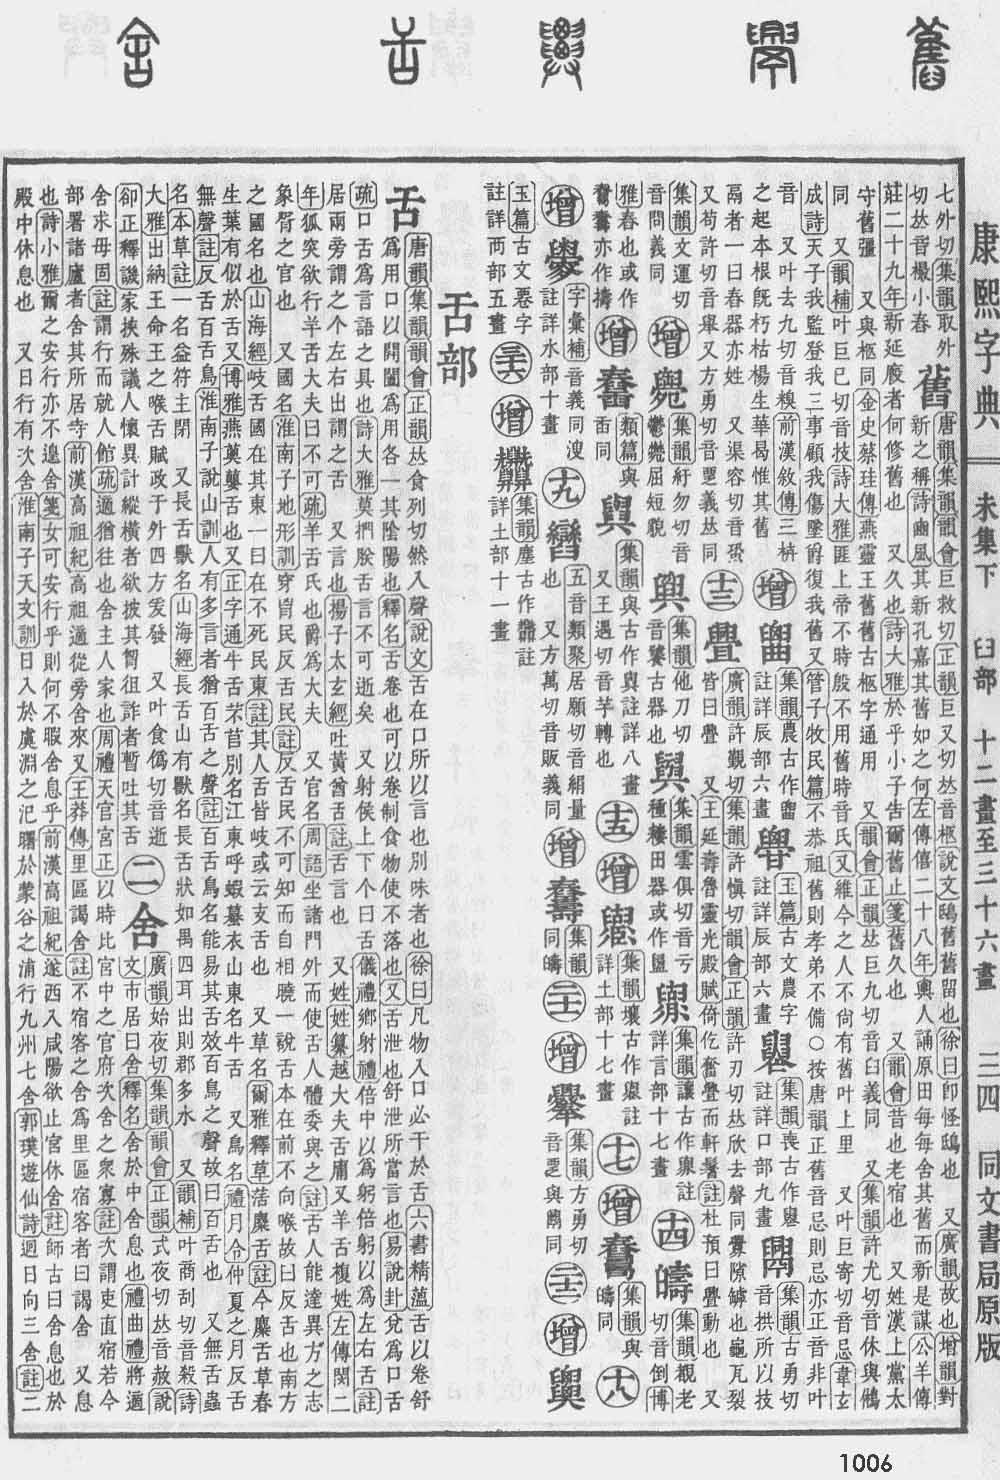 《康熙字典》第1006页